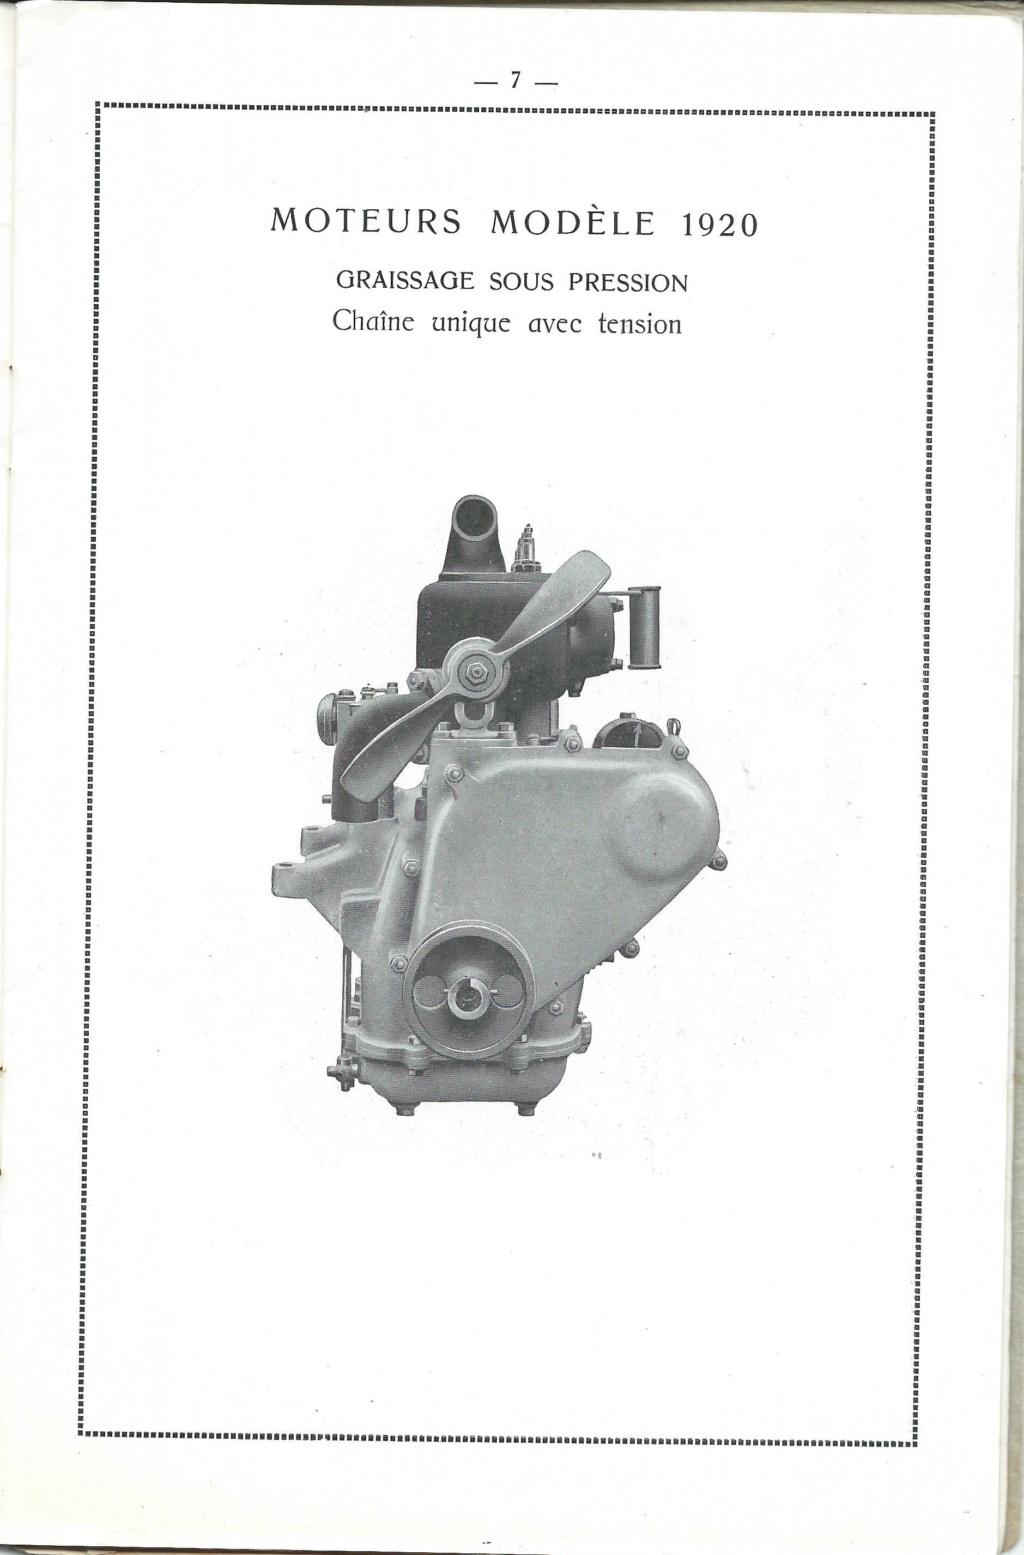 (Recherche) renseignements doc .. sur moteur chapuis dornier Chapui41